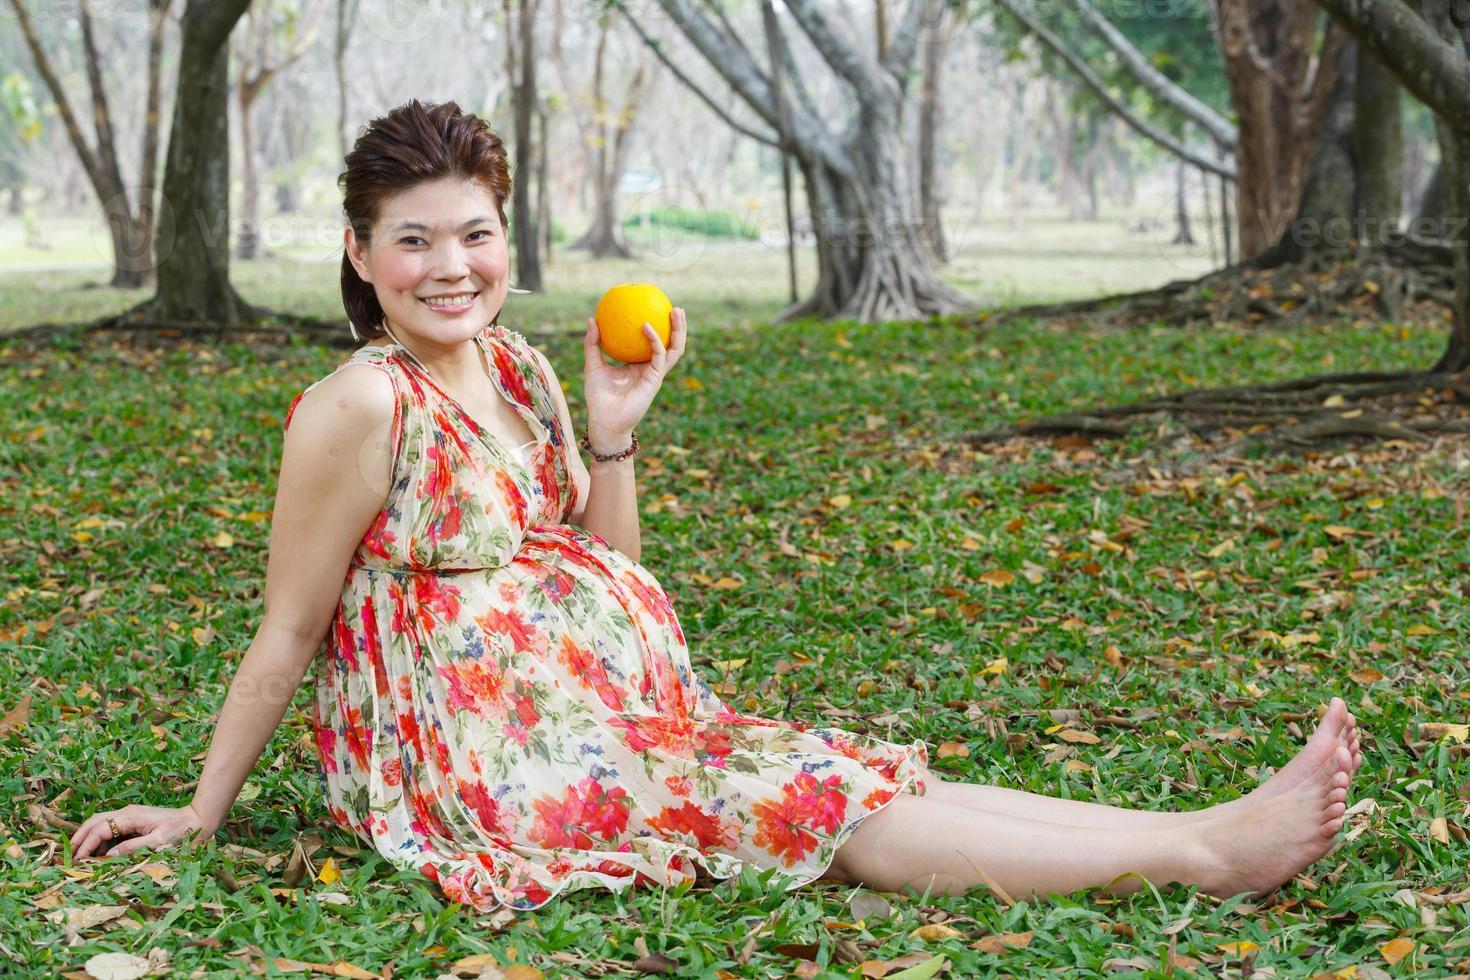 femme enceinte asiatique photo